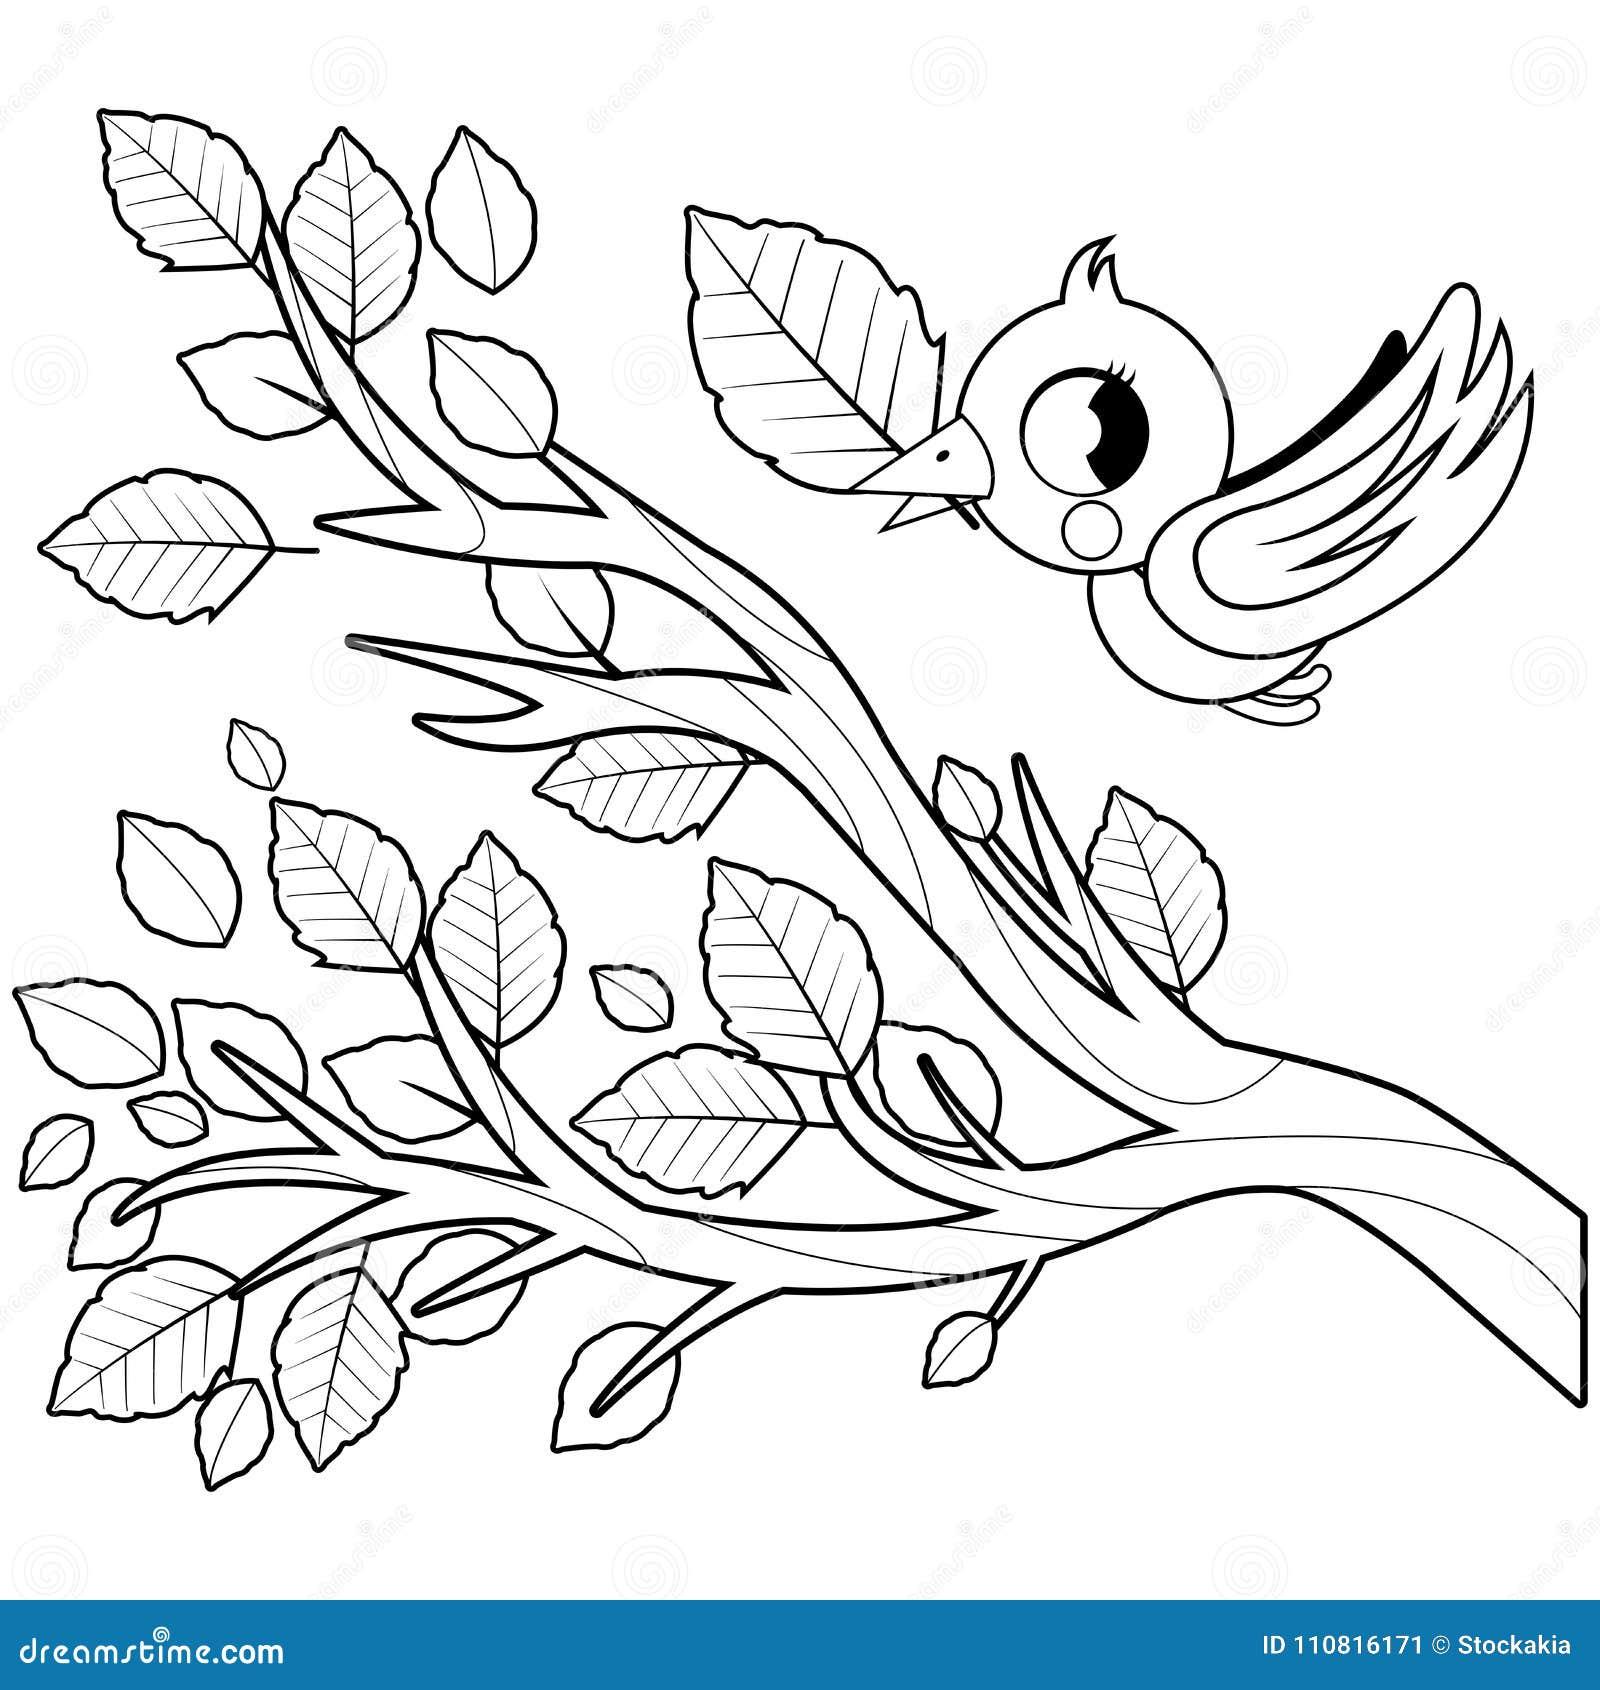 pássaro no voo do outono e ramo de árvore com folhas secas página